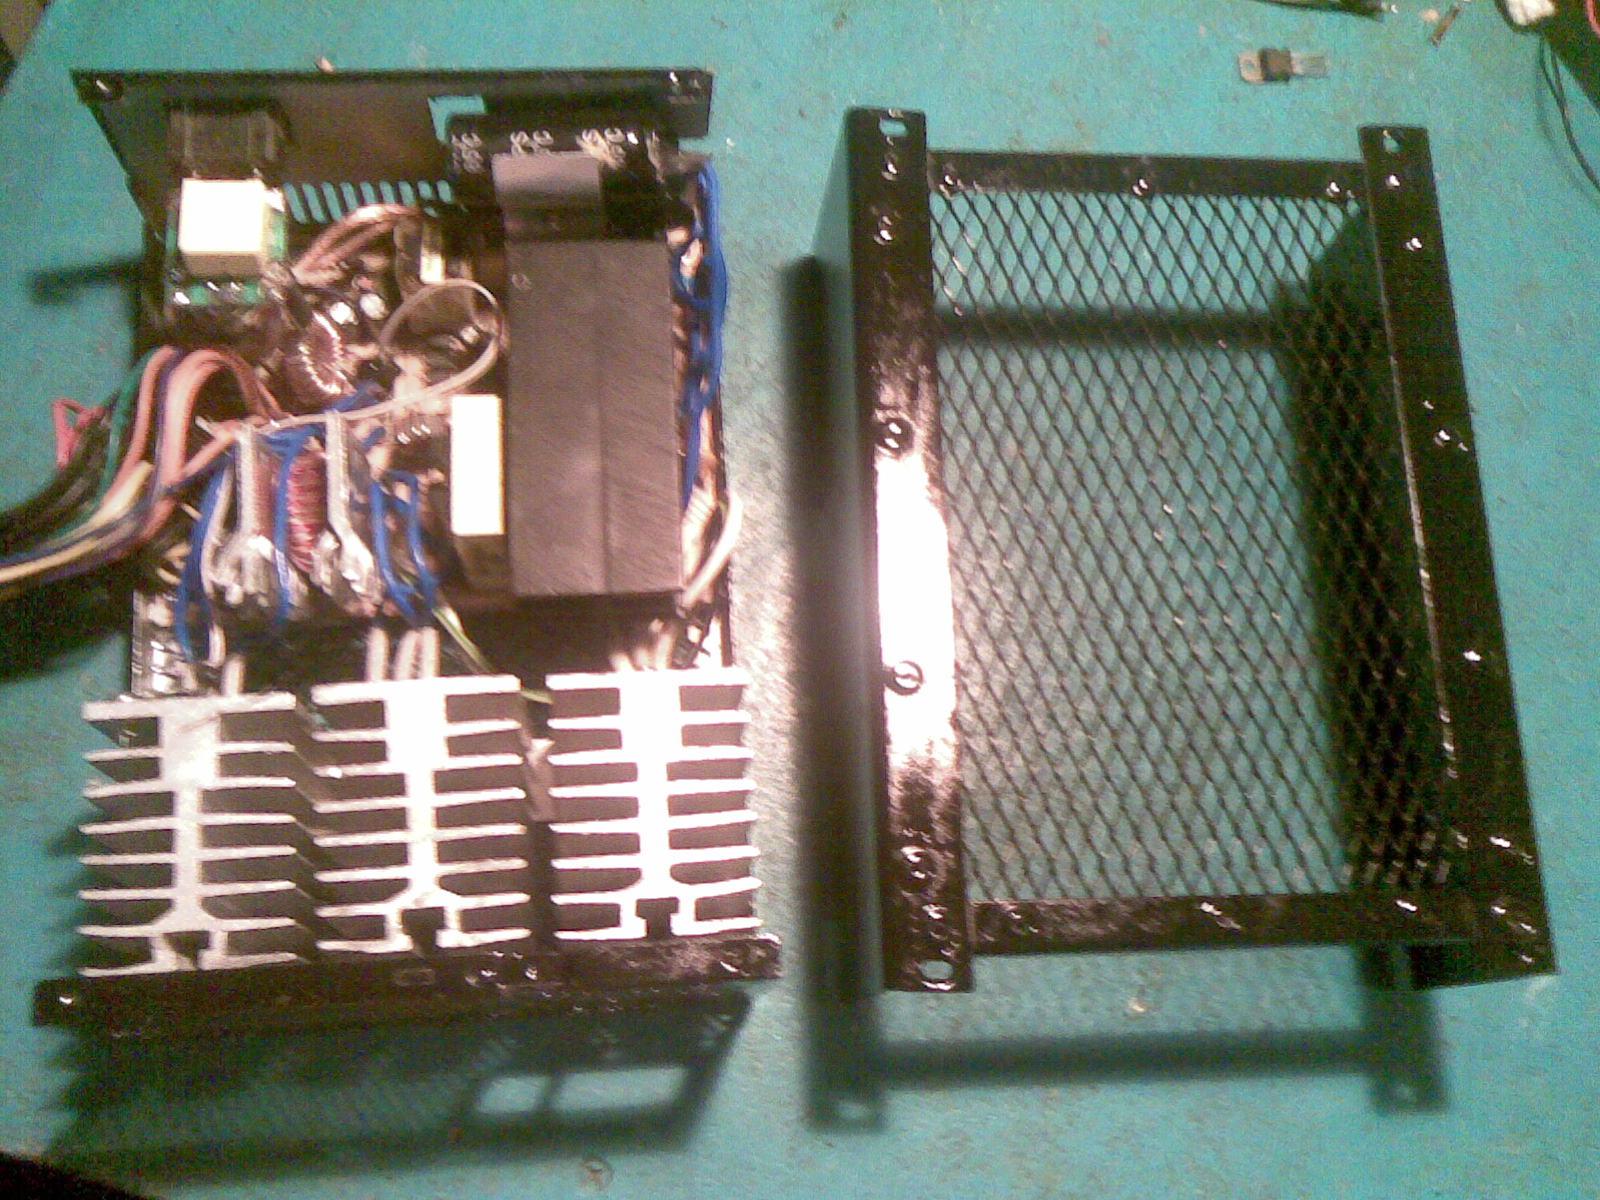 Радиатор для блока питания своими руками 83